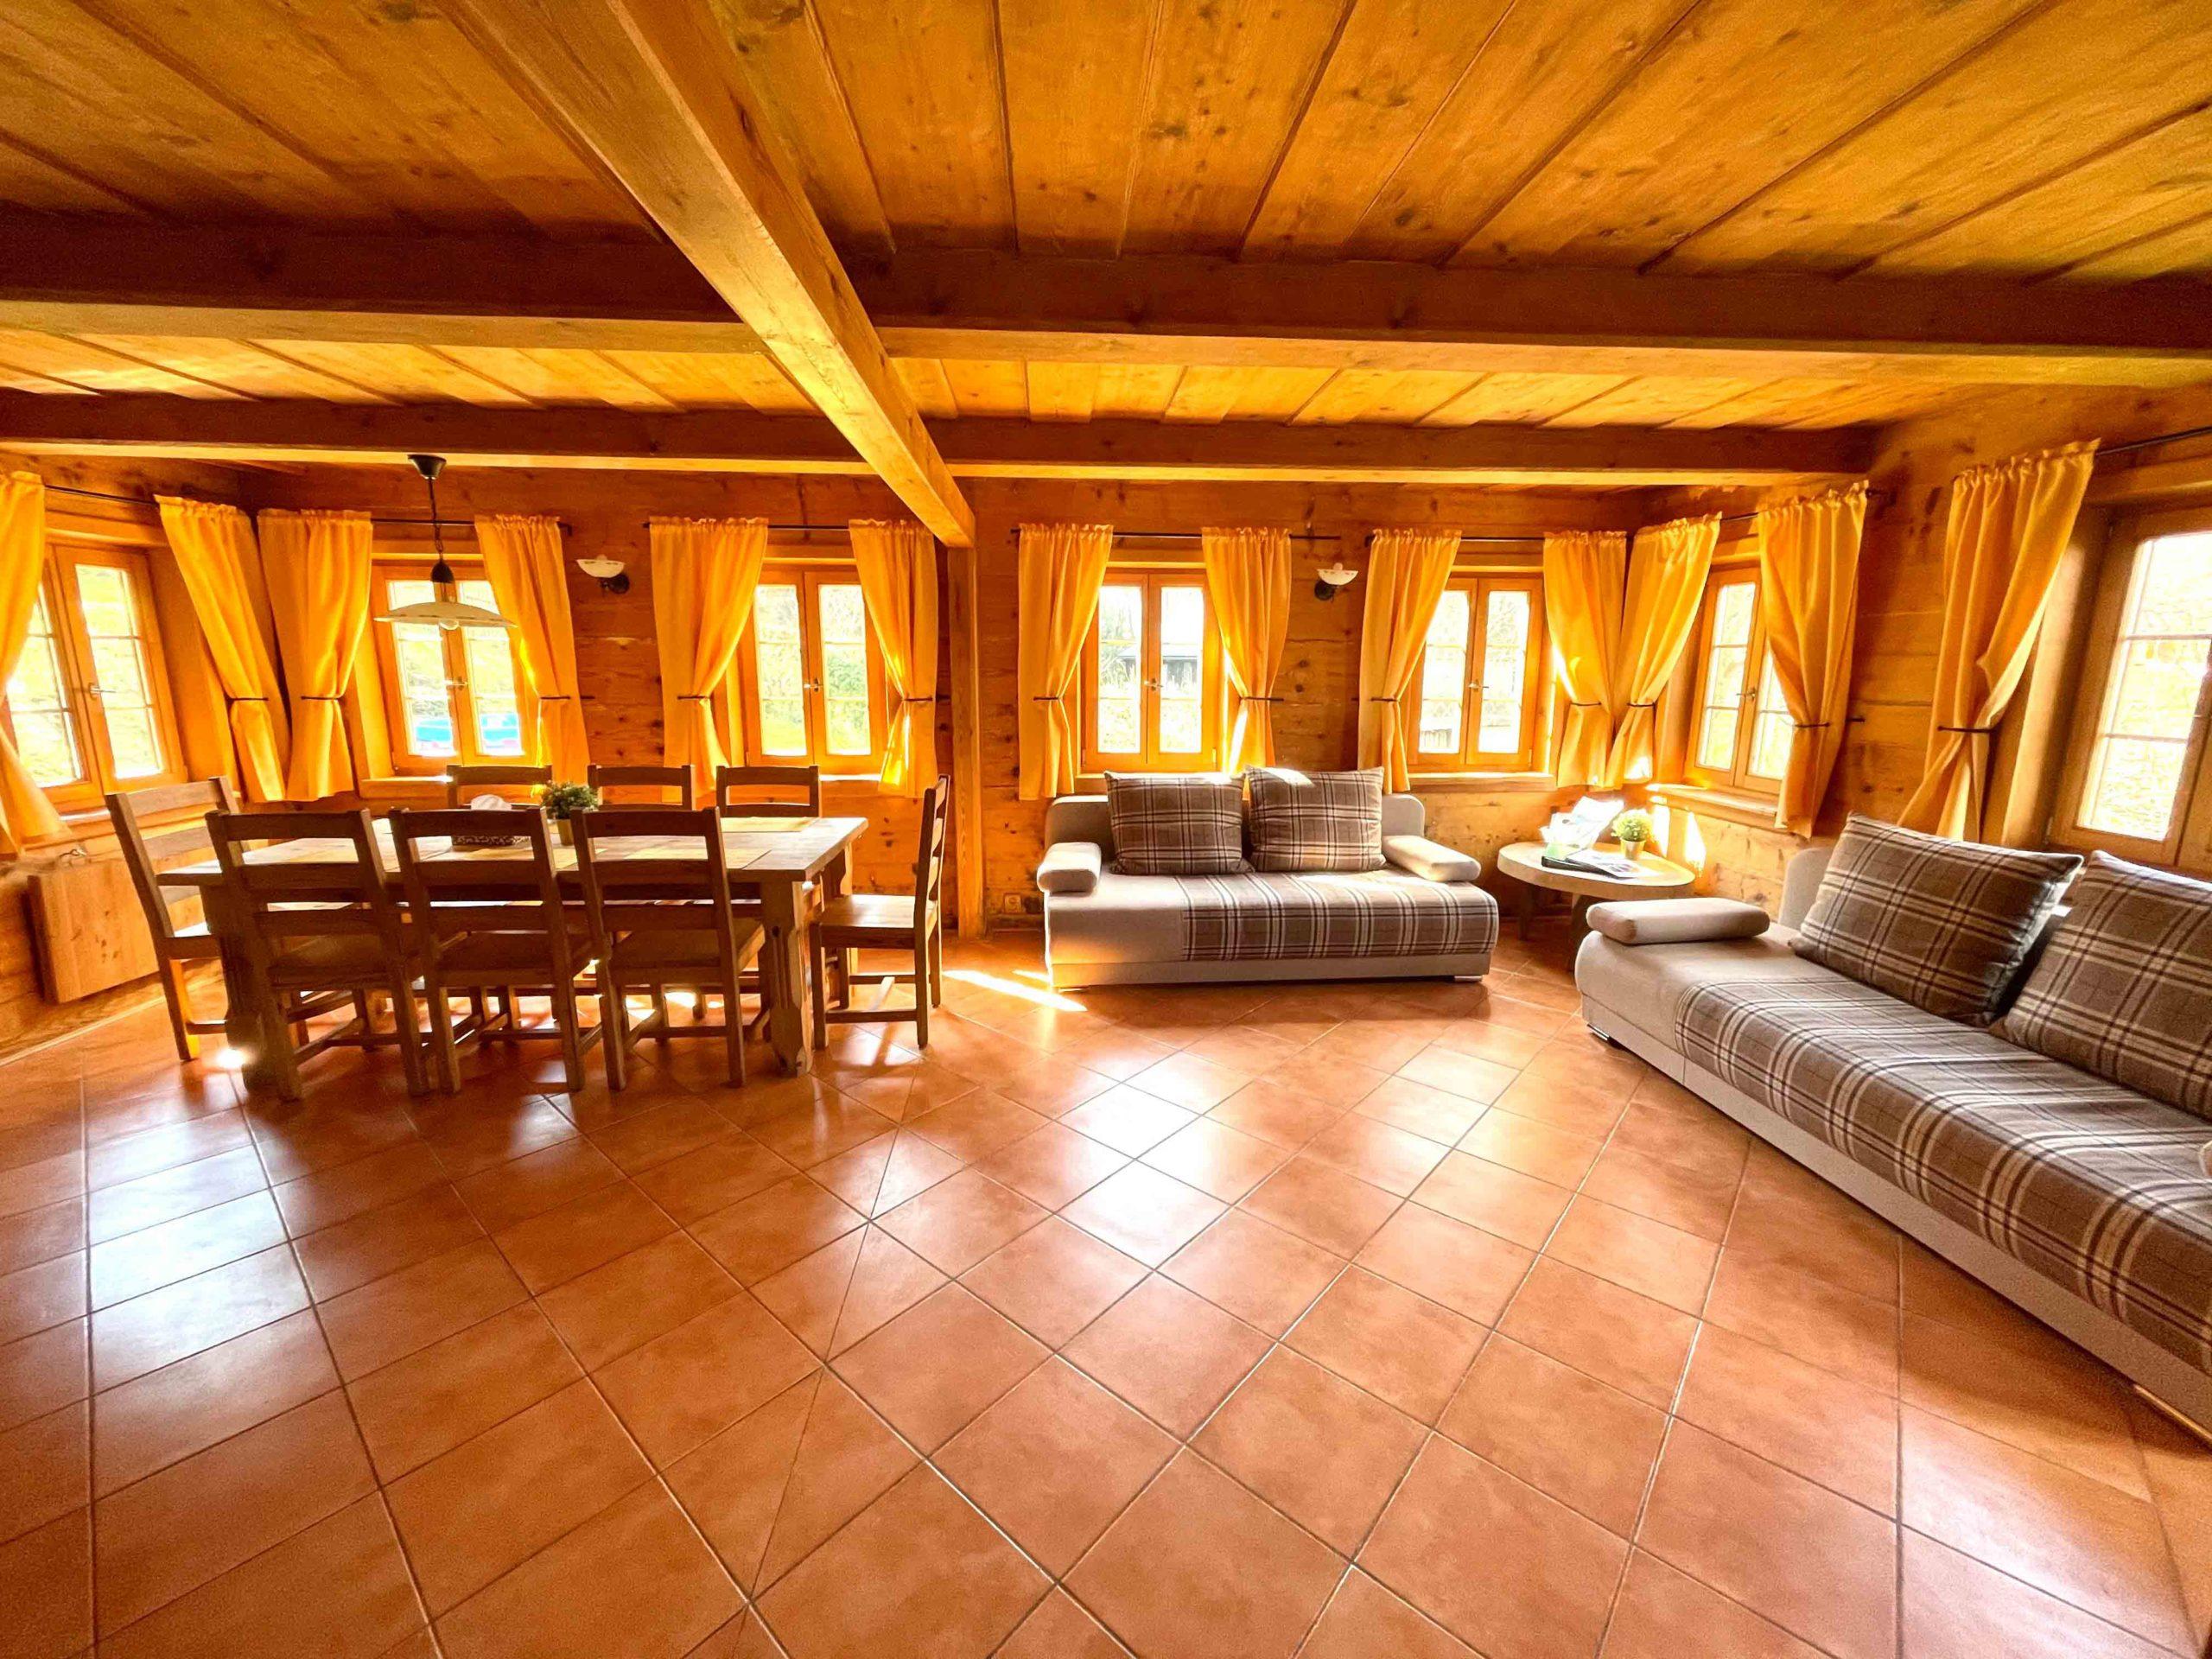 Obývací pokoj je spojen s kuchyňským koutem a je tato místnost brána jako hlavní místnost chalupy. V místnosti jsou umístěna kamna, která vytápí většinu chalupy i s podlahovým vytápěním. V kuchyni najdete zabudovanou lednici, mikrovlnou troubu, kávovar, troubu, rychlovarnou konvici a rádio.